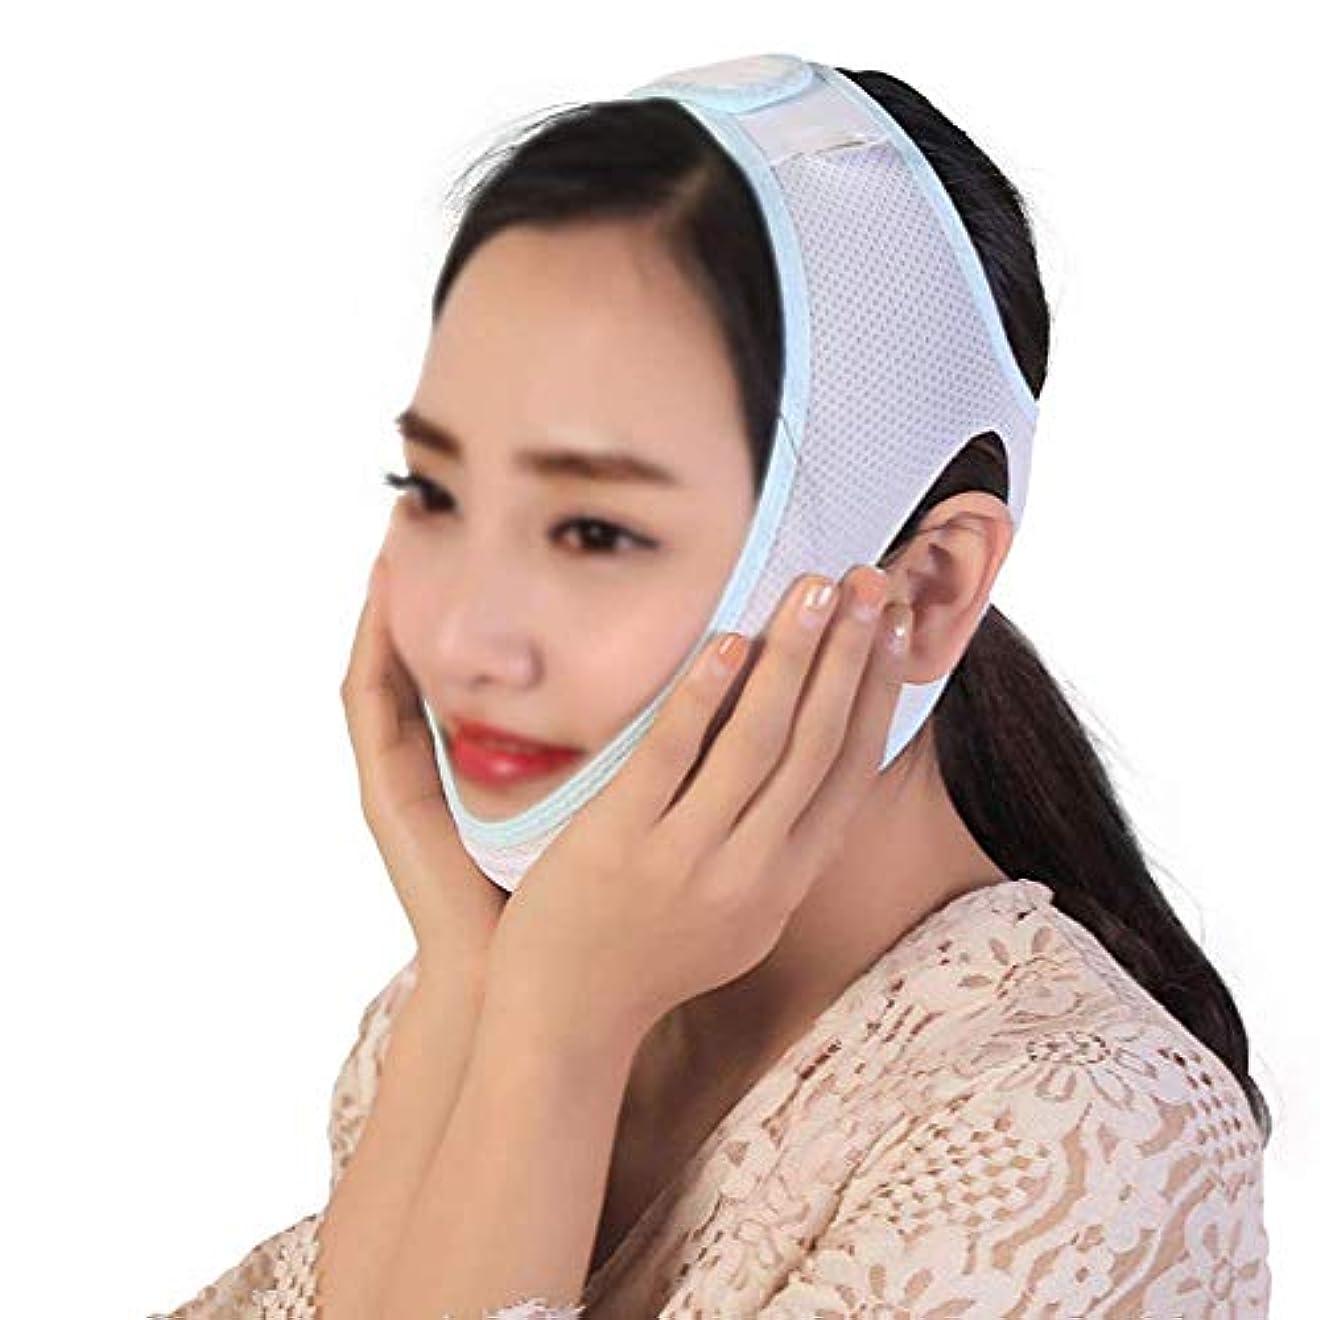 ためらう徴収瞳ファーミングフェイスマスク、スモールVフェイスアーティファクトリフティングフェイスプラスチックフェイスマスクコンフォートアップグレード最適化フェイスカーブの向上包括的な通気性のある包帯(サイズ:M)